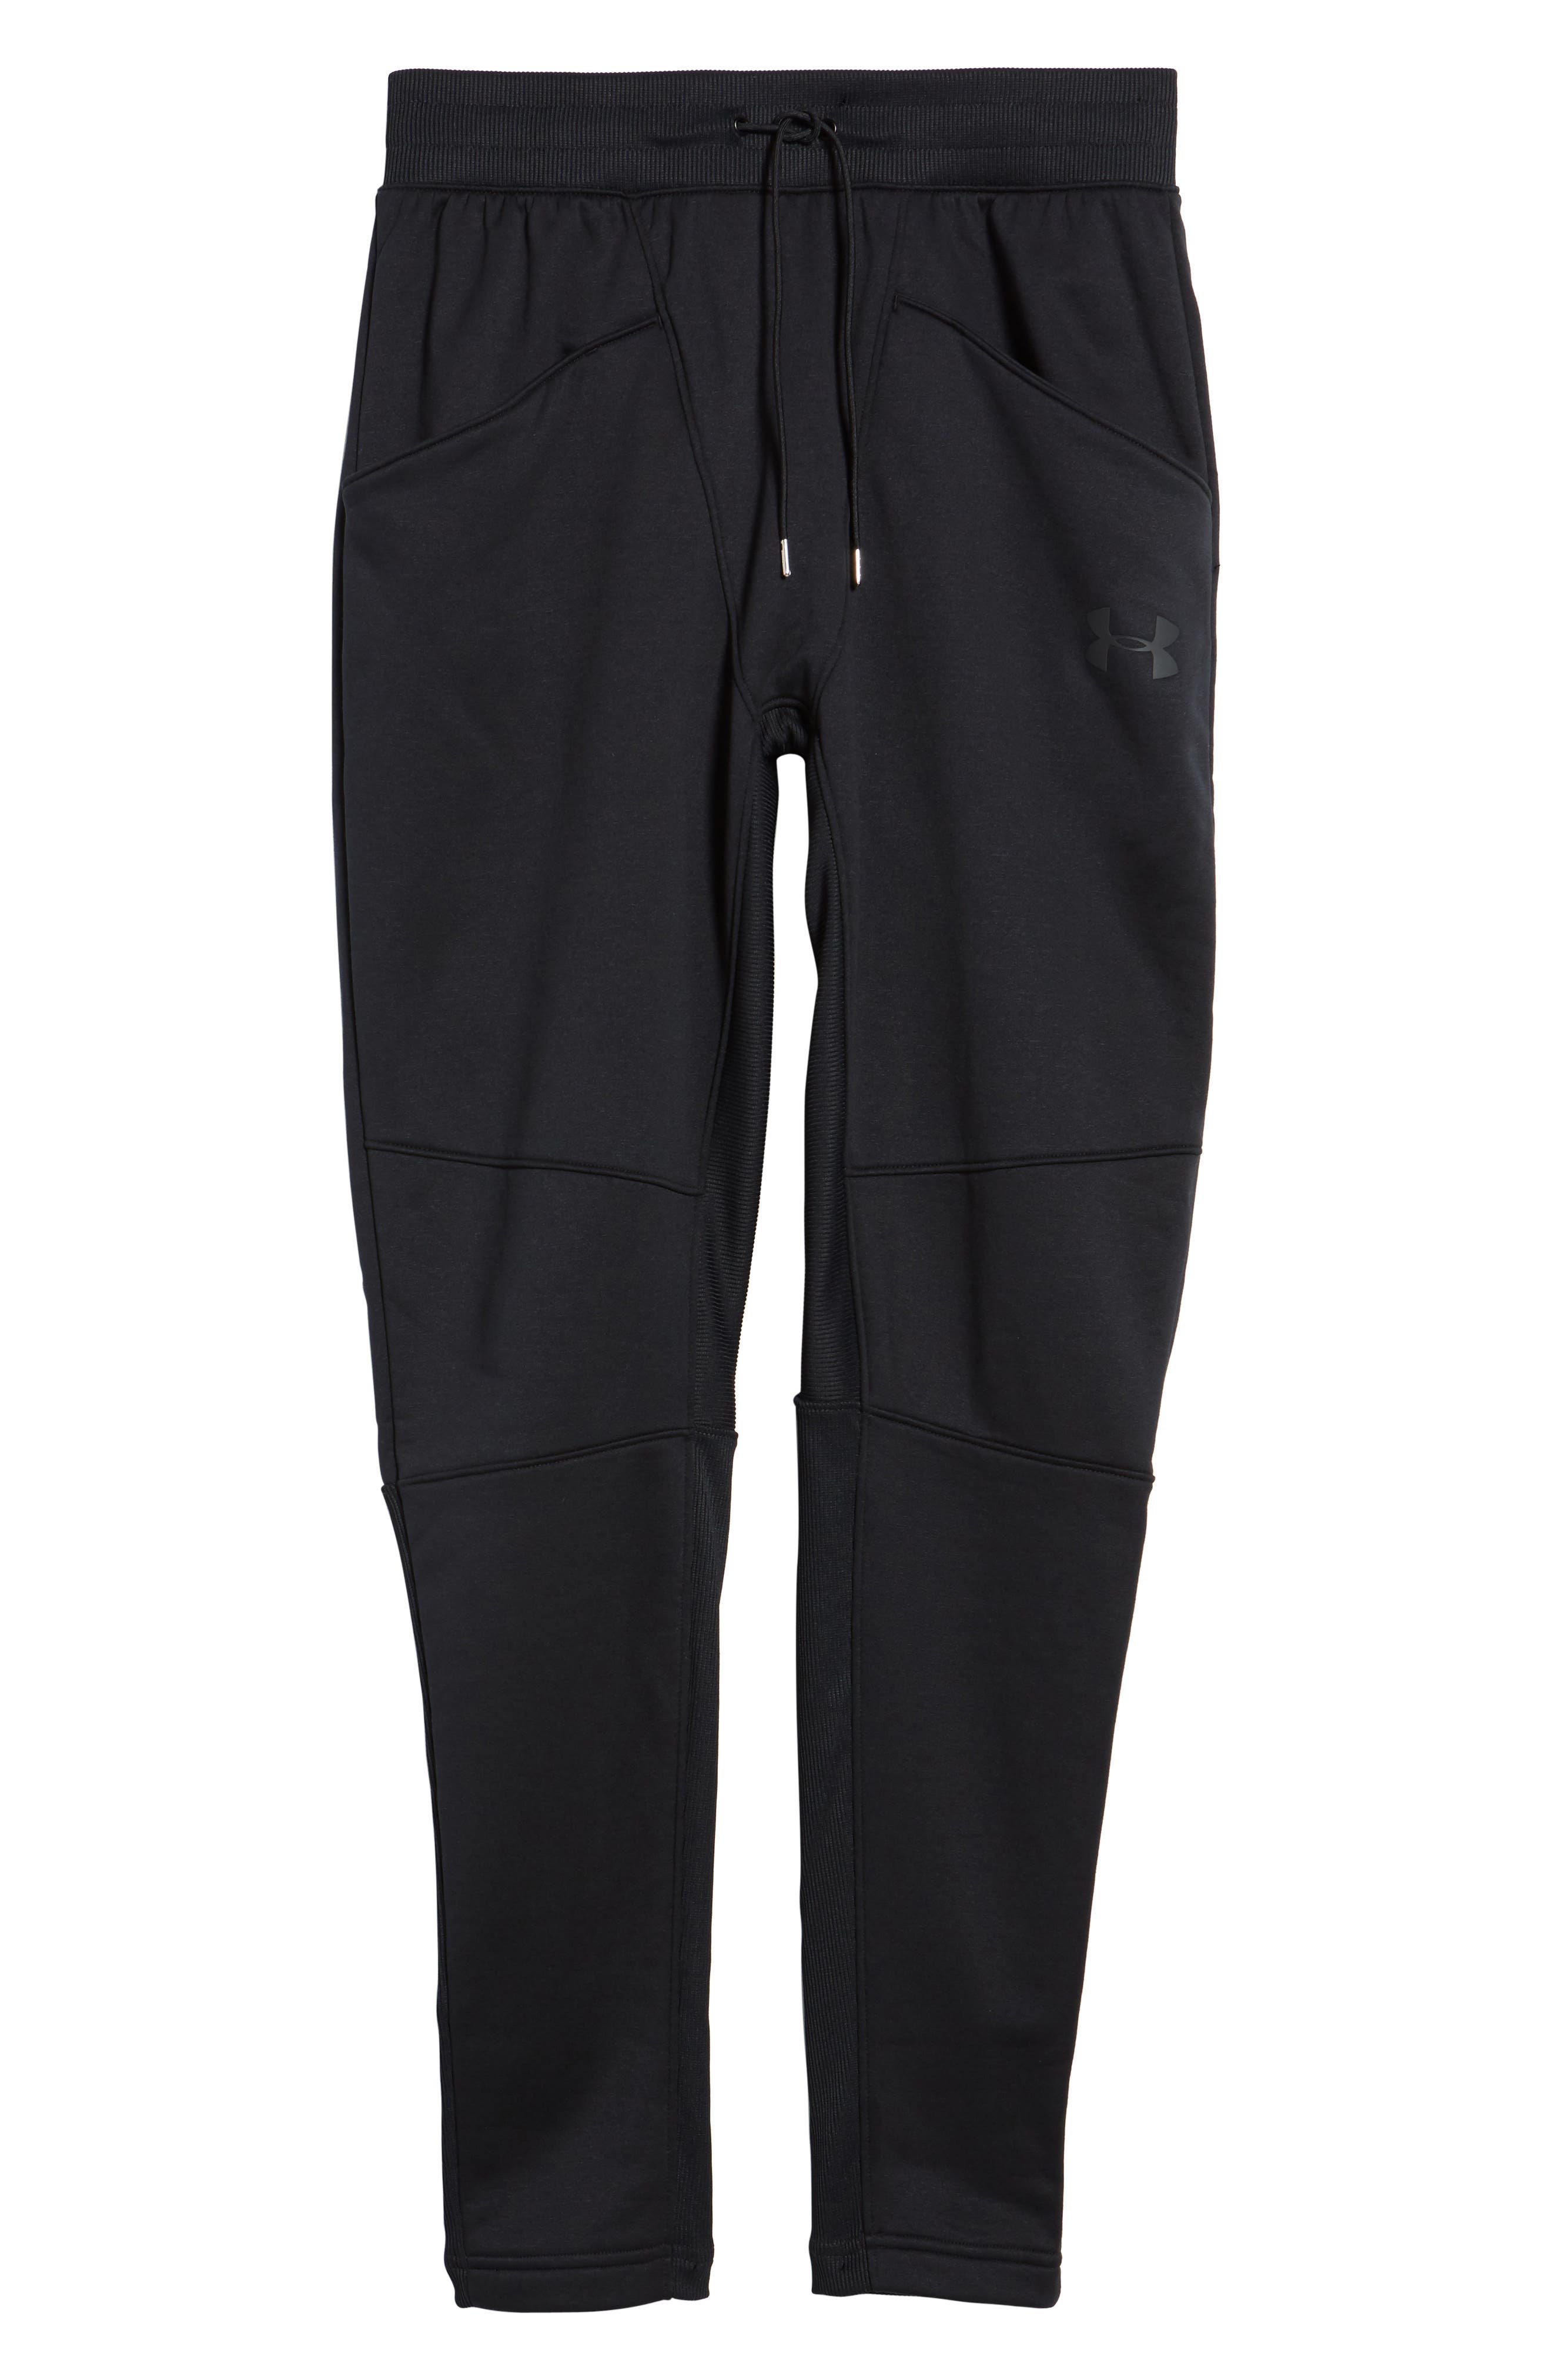 Courtside Training Pants,                             Alternate thumbnail 6, color,                             Black / Black / Black